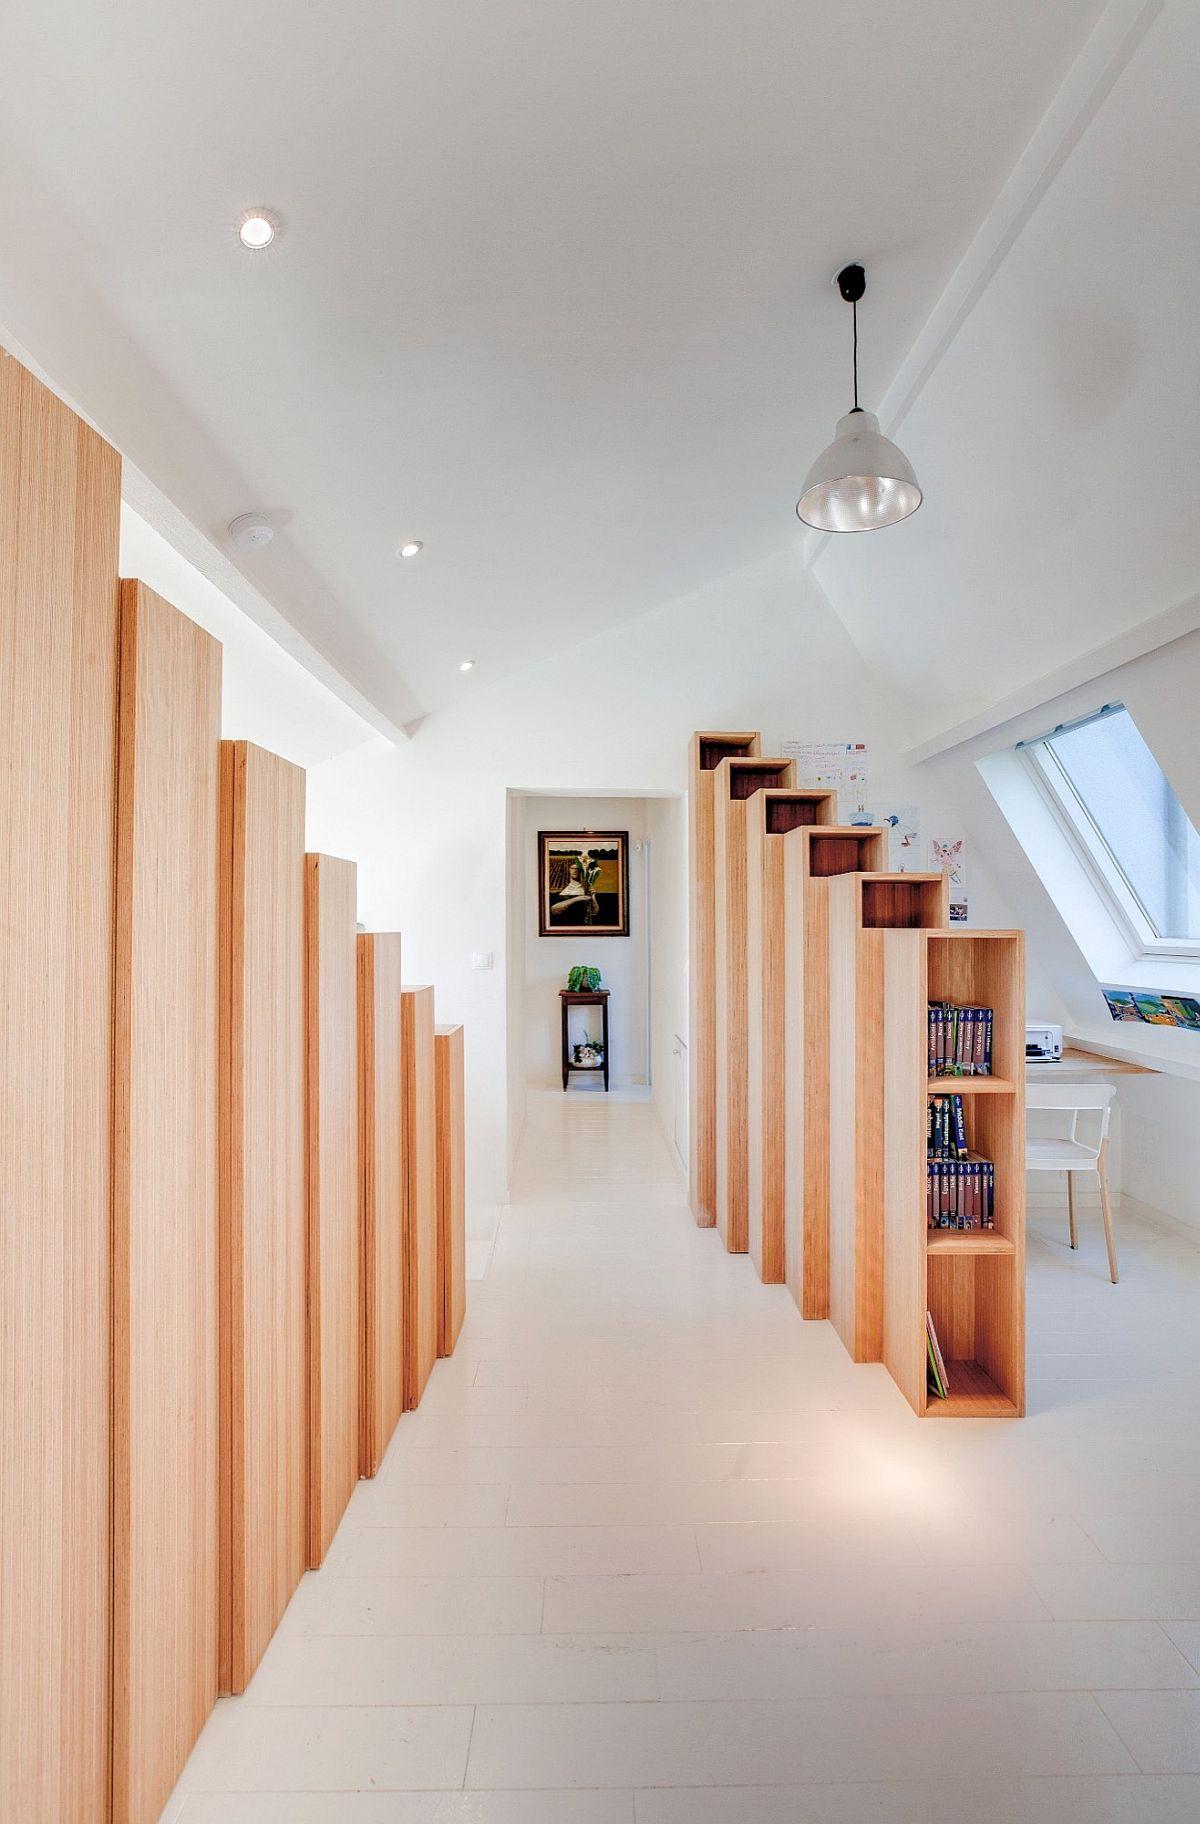 Mezzanine level beech shelving units hide the bedroom entrance